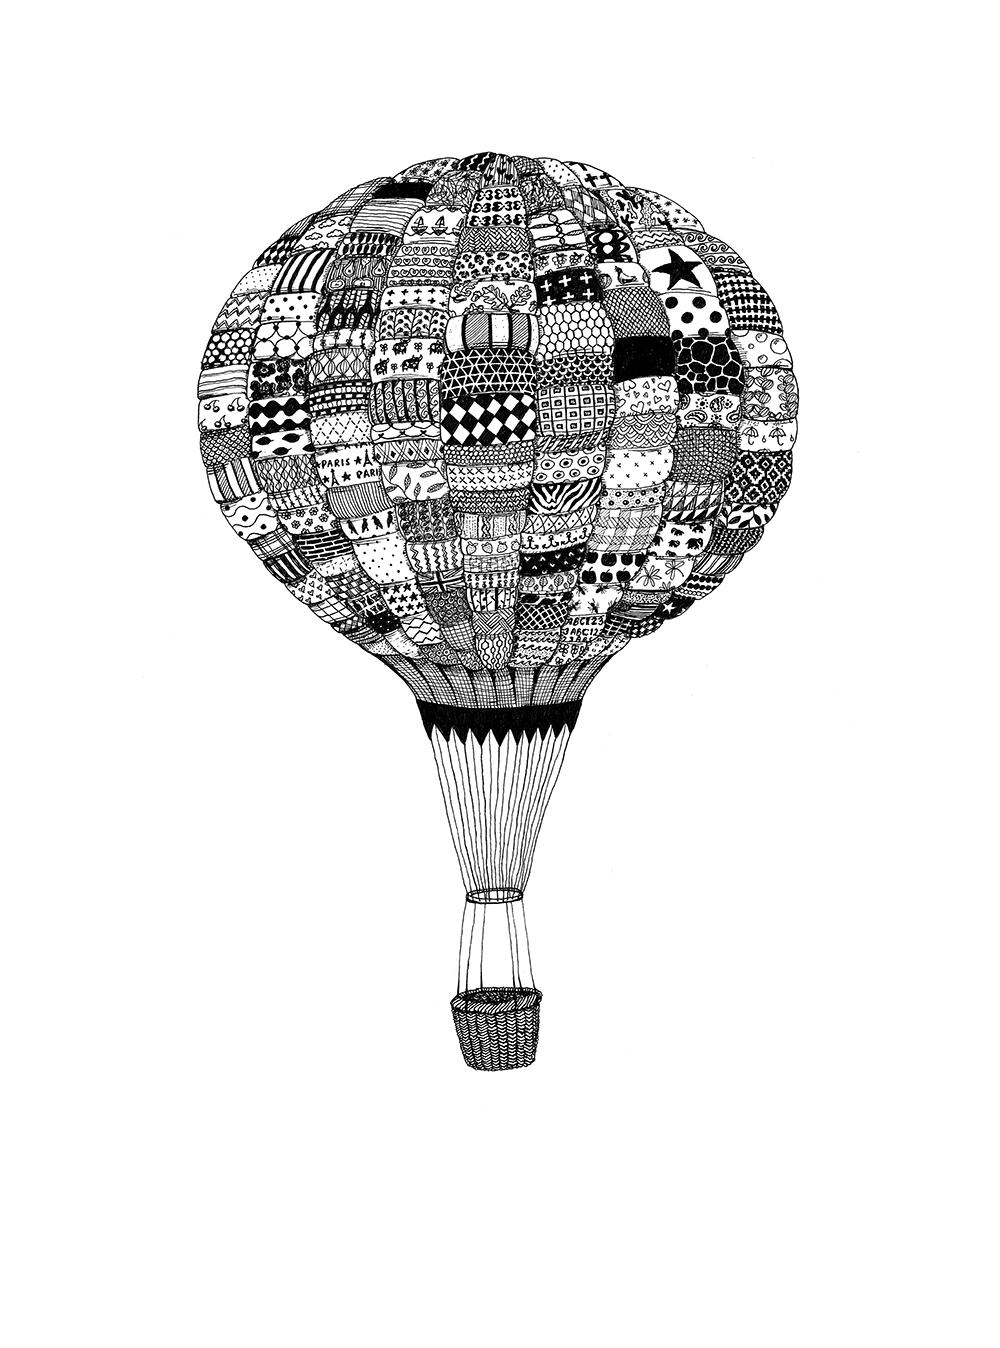 Luftballong - Mia Olofsson